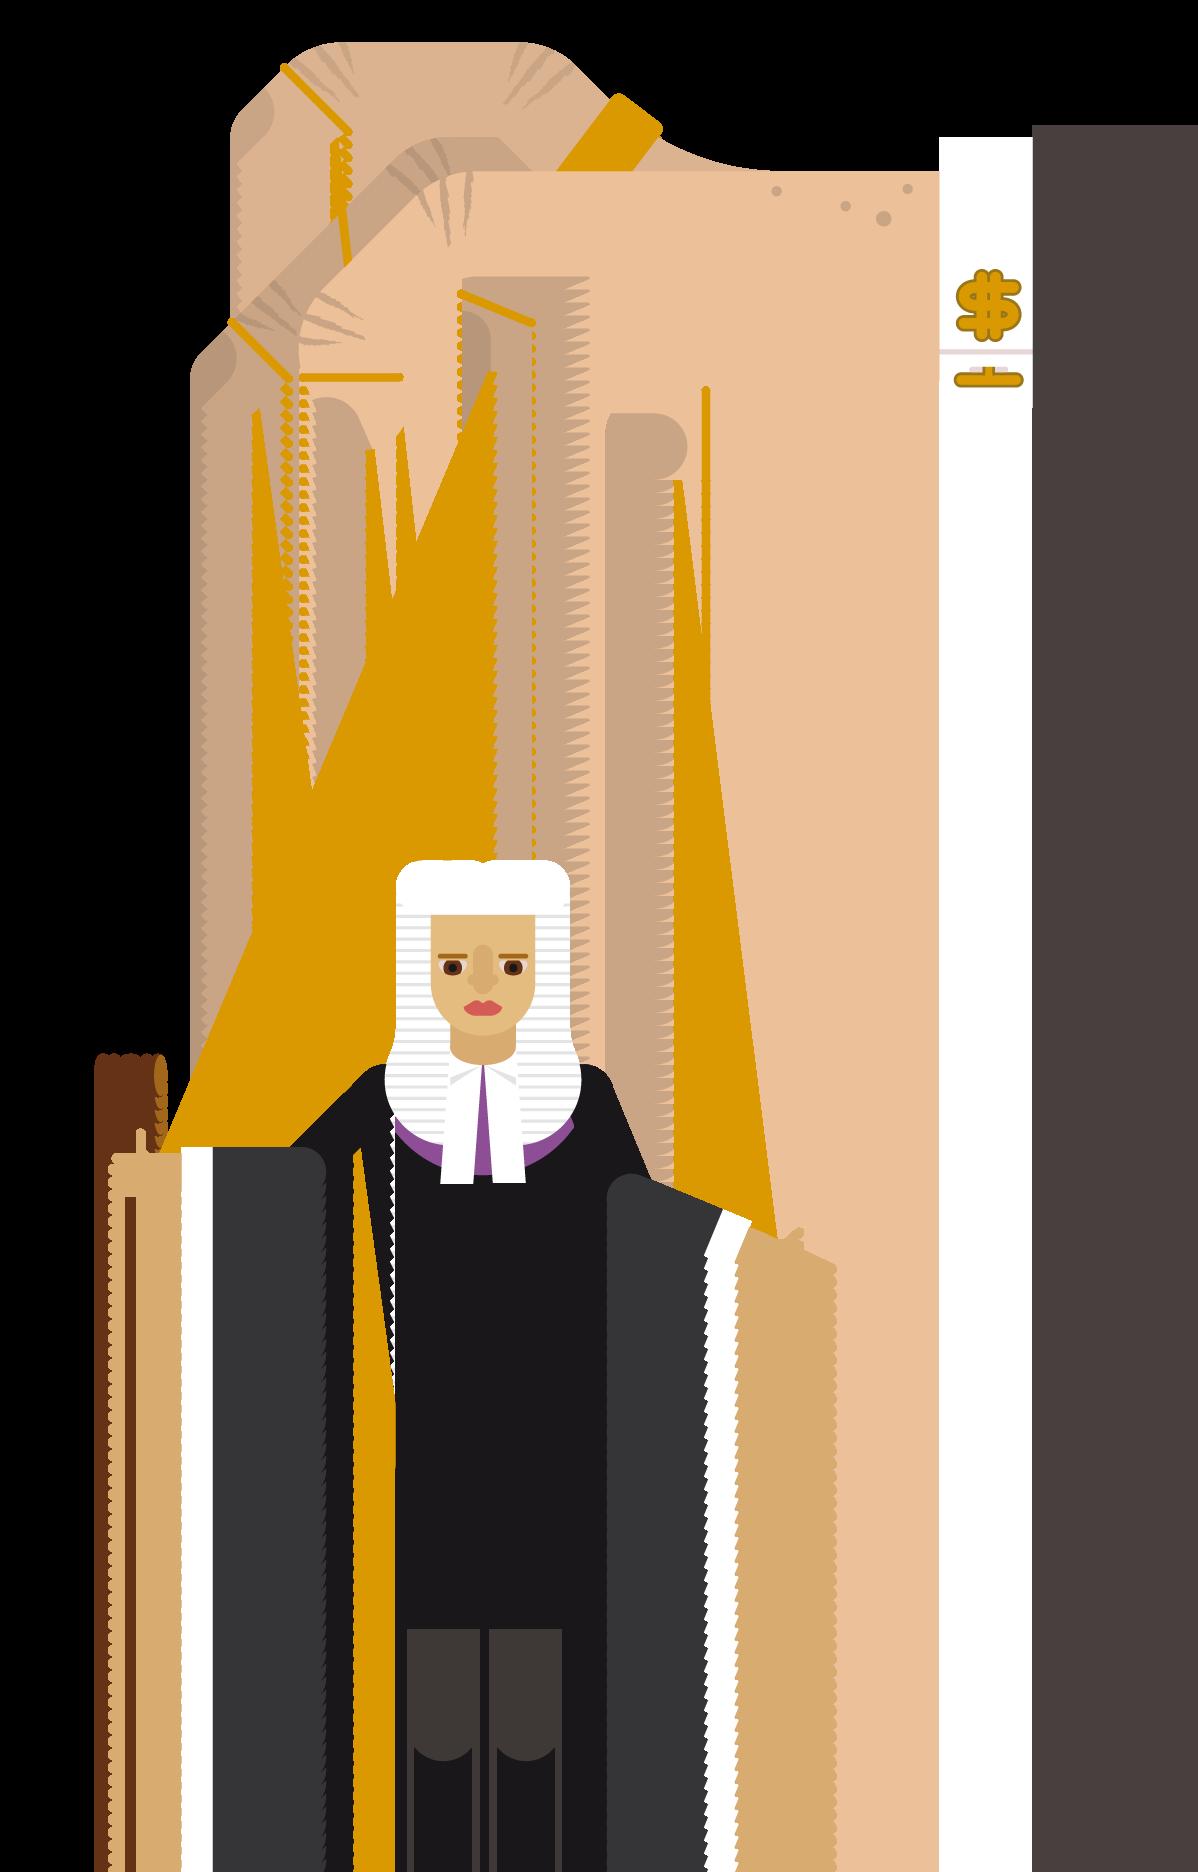 Eget rettsystem for multinasjonale selskaper